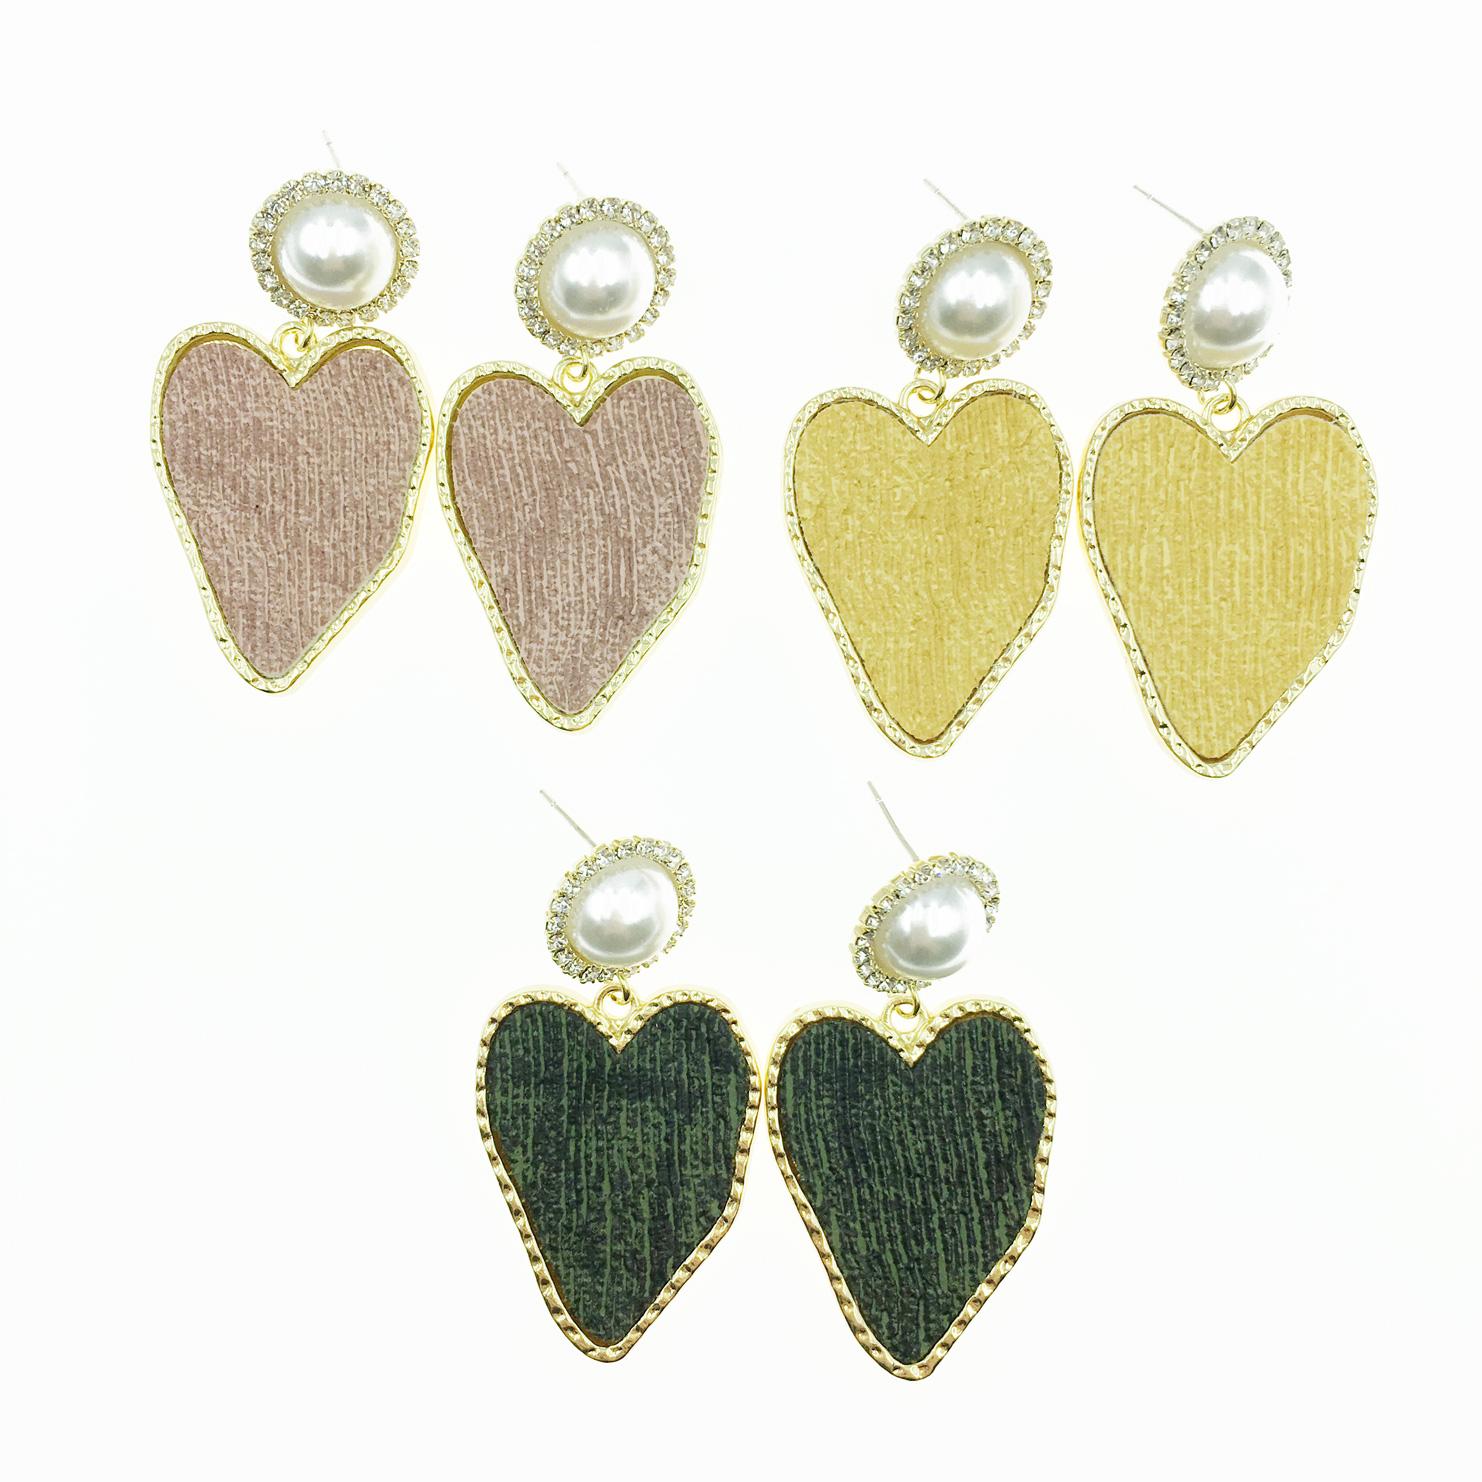 韓國 925純銀 珍珠 水鑽 金邊金框 愛心 3色 垂墜感 耳針式耳環